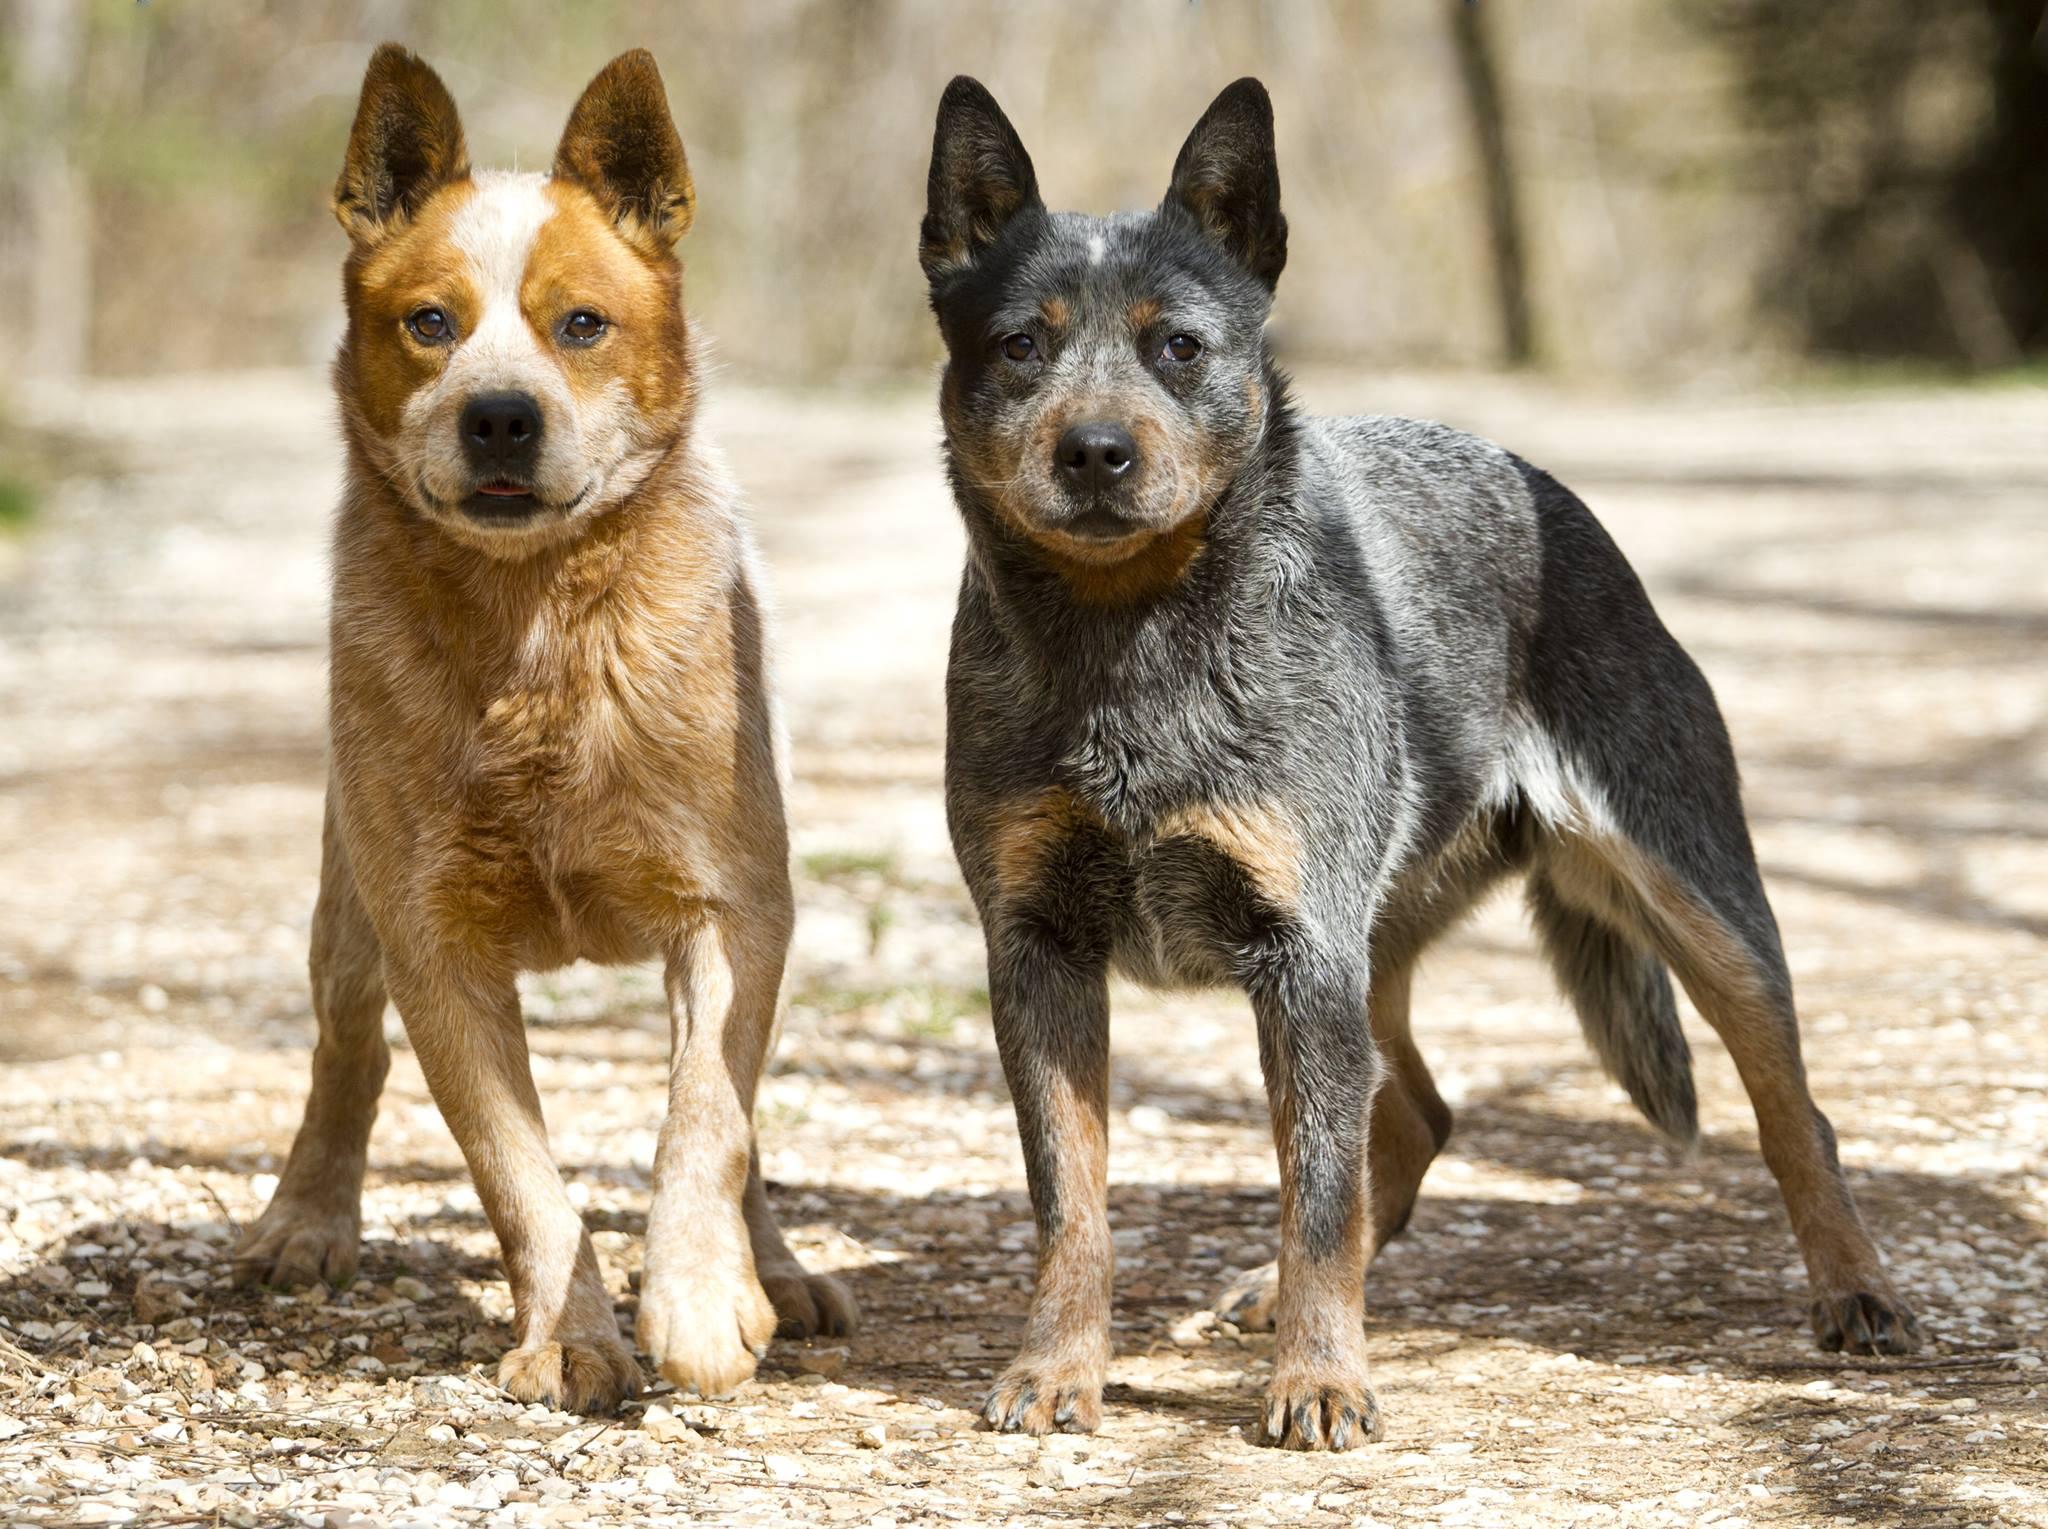 Dogilike.com :: เจาะลึก!! หมาพันธุ์ต่าง ๆ ในแถบเมืองร้อนทั่วโลก